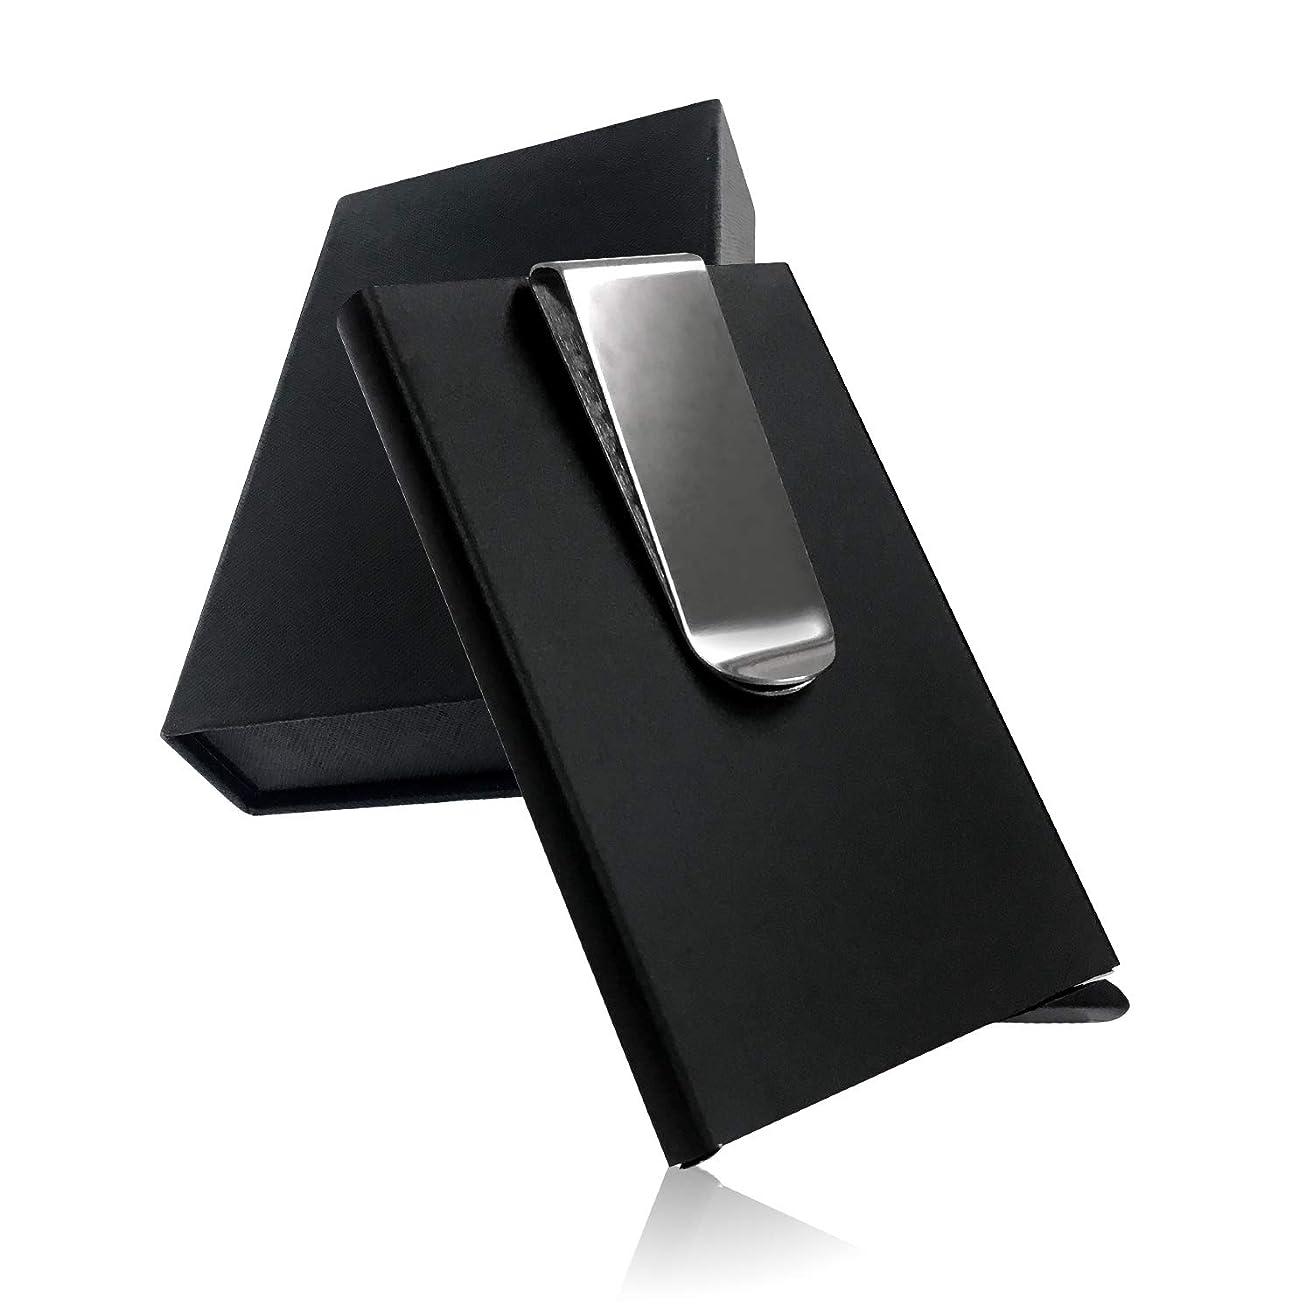 限定誓約伝説LE ARGENT (ル アルジャン) マネークリップ クレジットカードケース 財布 磁気防止 スキミング防止 大容量 メンズ 薄型 アルミ スライド